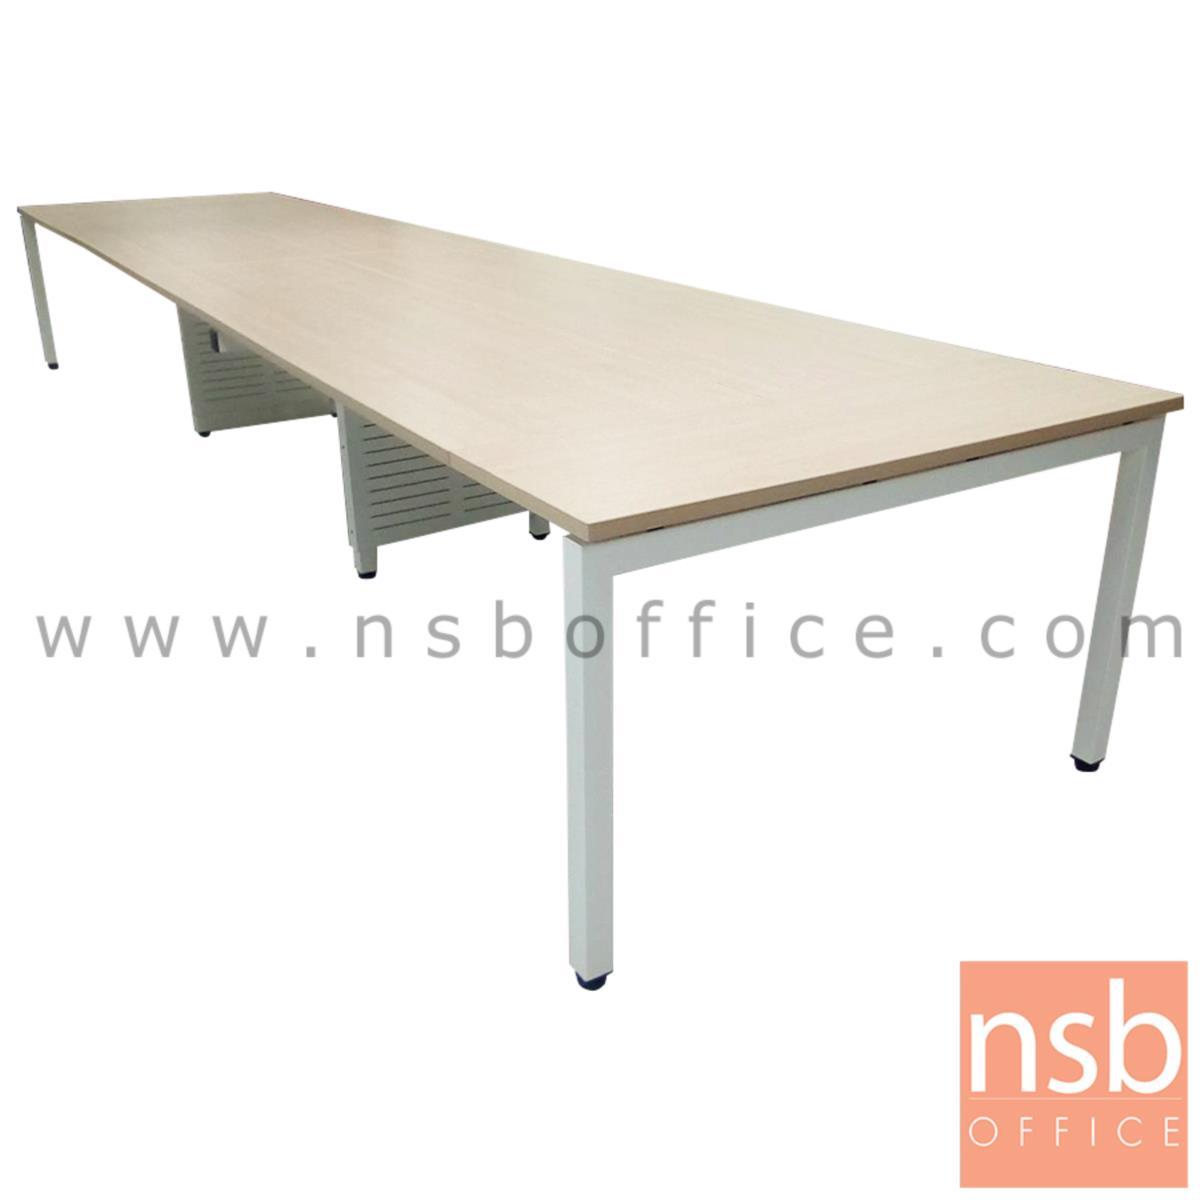 A05A085:โต๊ะประชุมทรงสี่เหลี่ยม 120D cm. รุ่น CONNEXX-021 ขนาด 280W ,320W ,440W ,520W ,620W cm.  ขากลางมีกล่องร้อยสาย